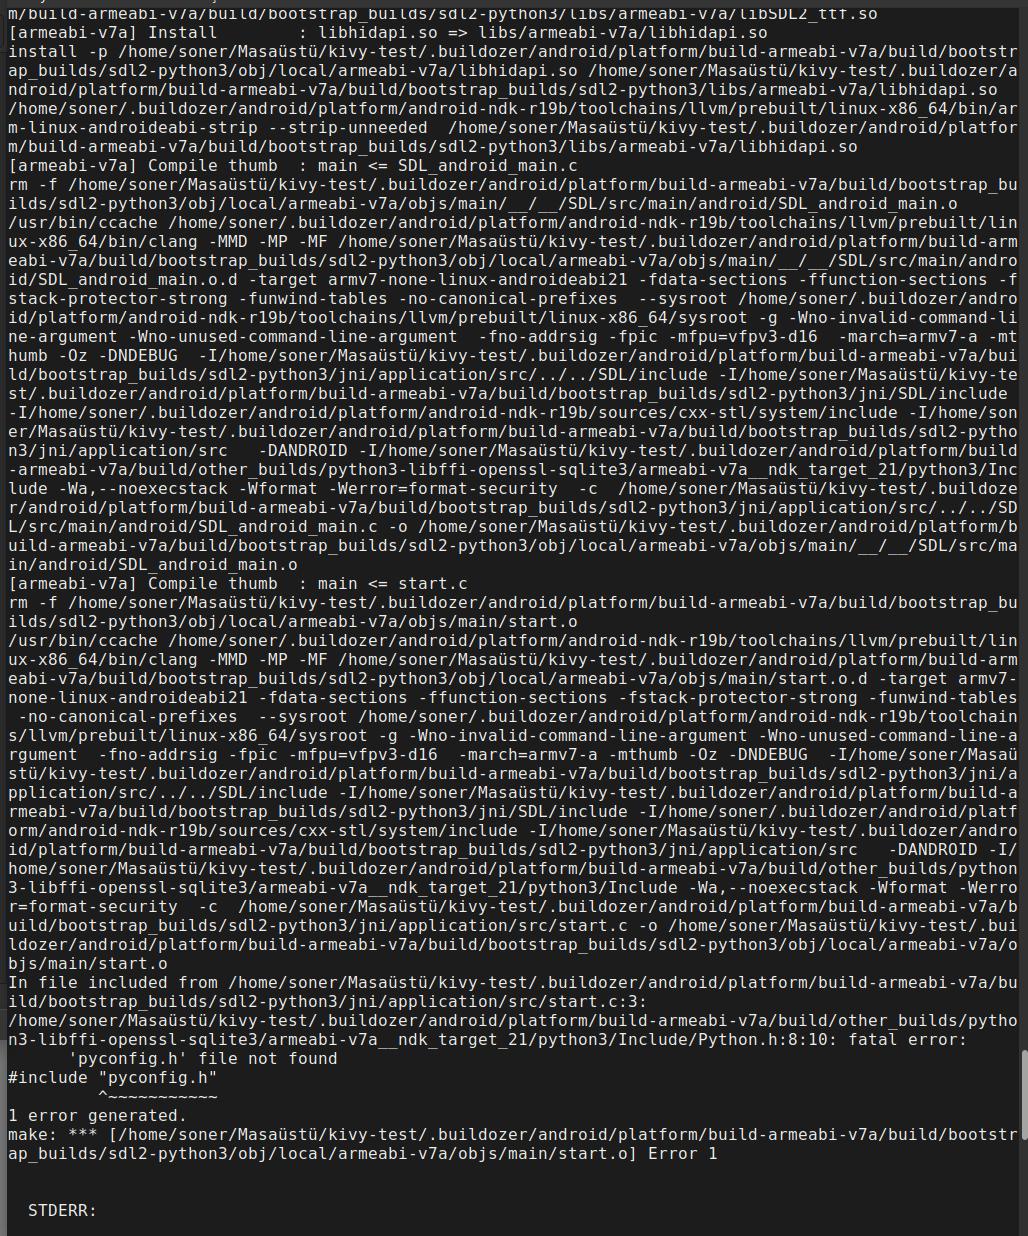 Ekran görüntüsü_2020-03-30_00-49-59